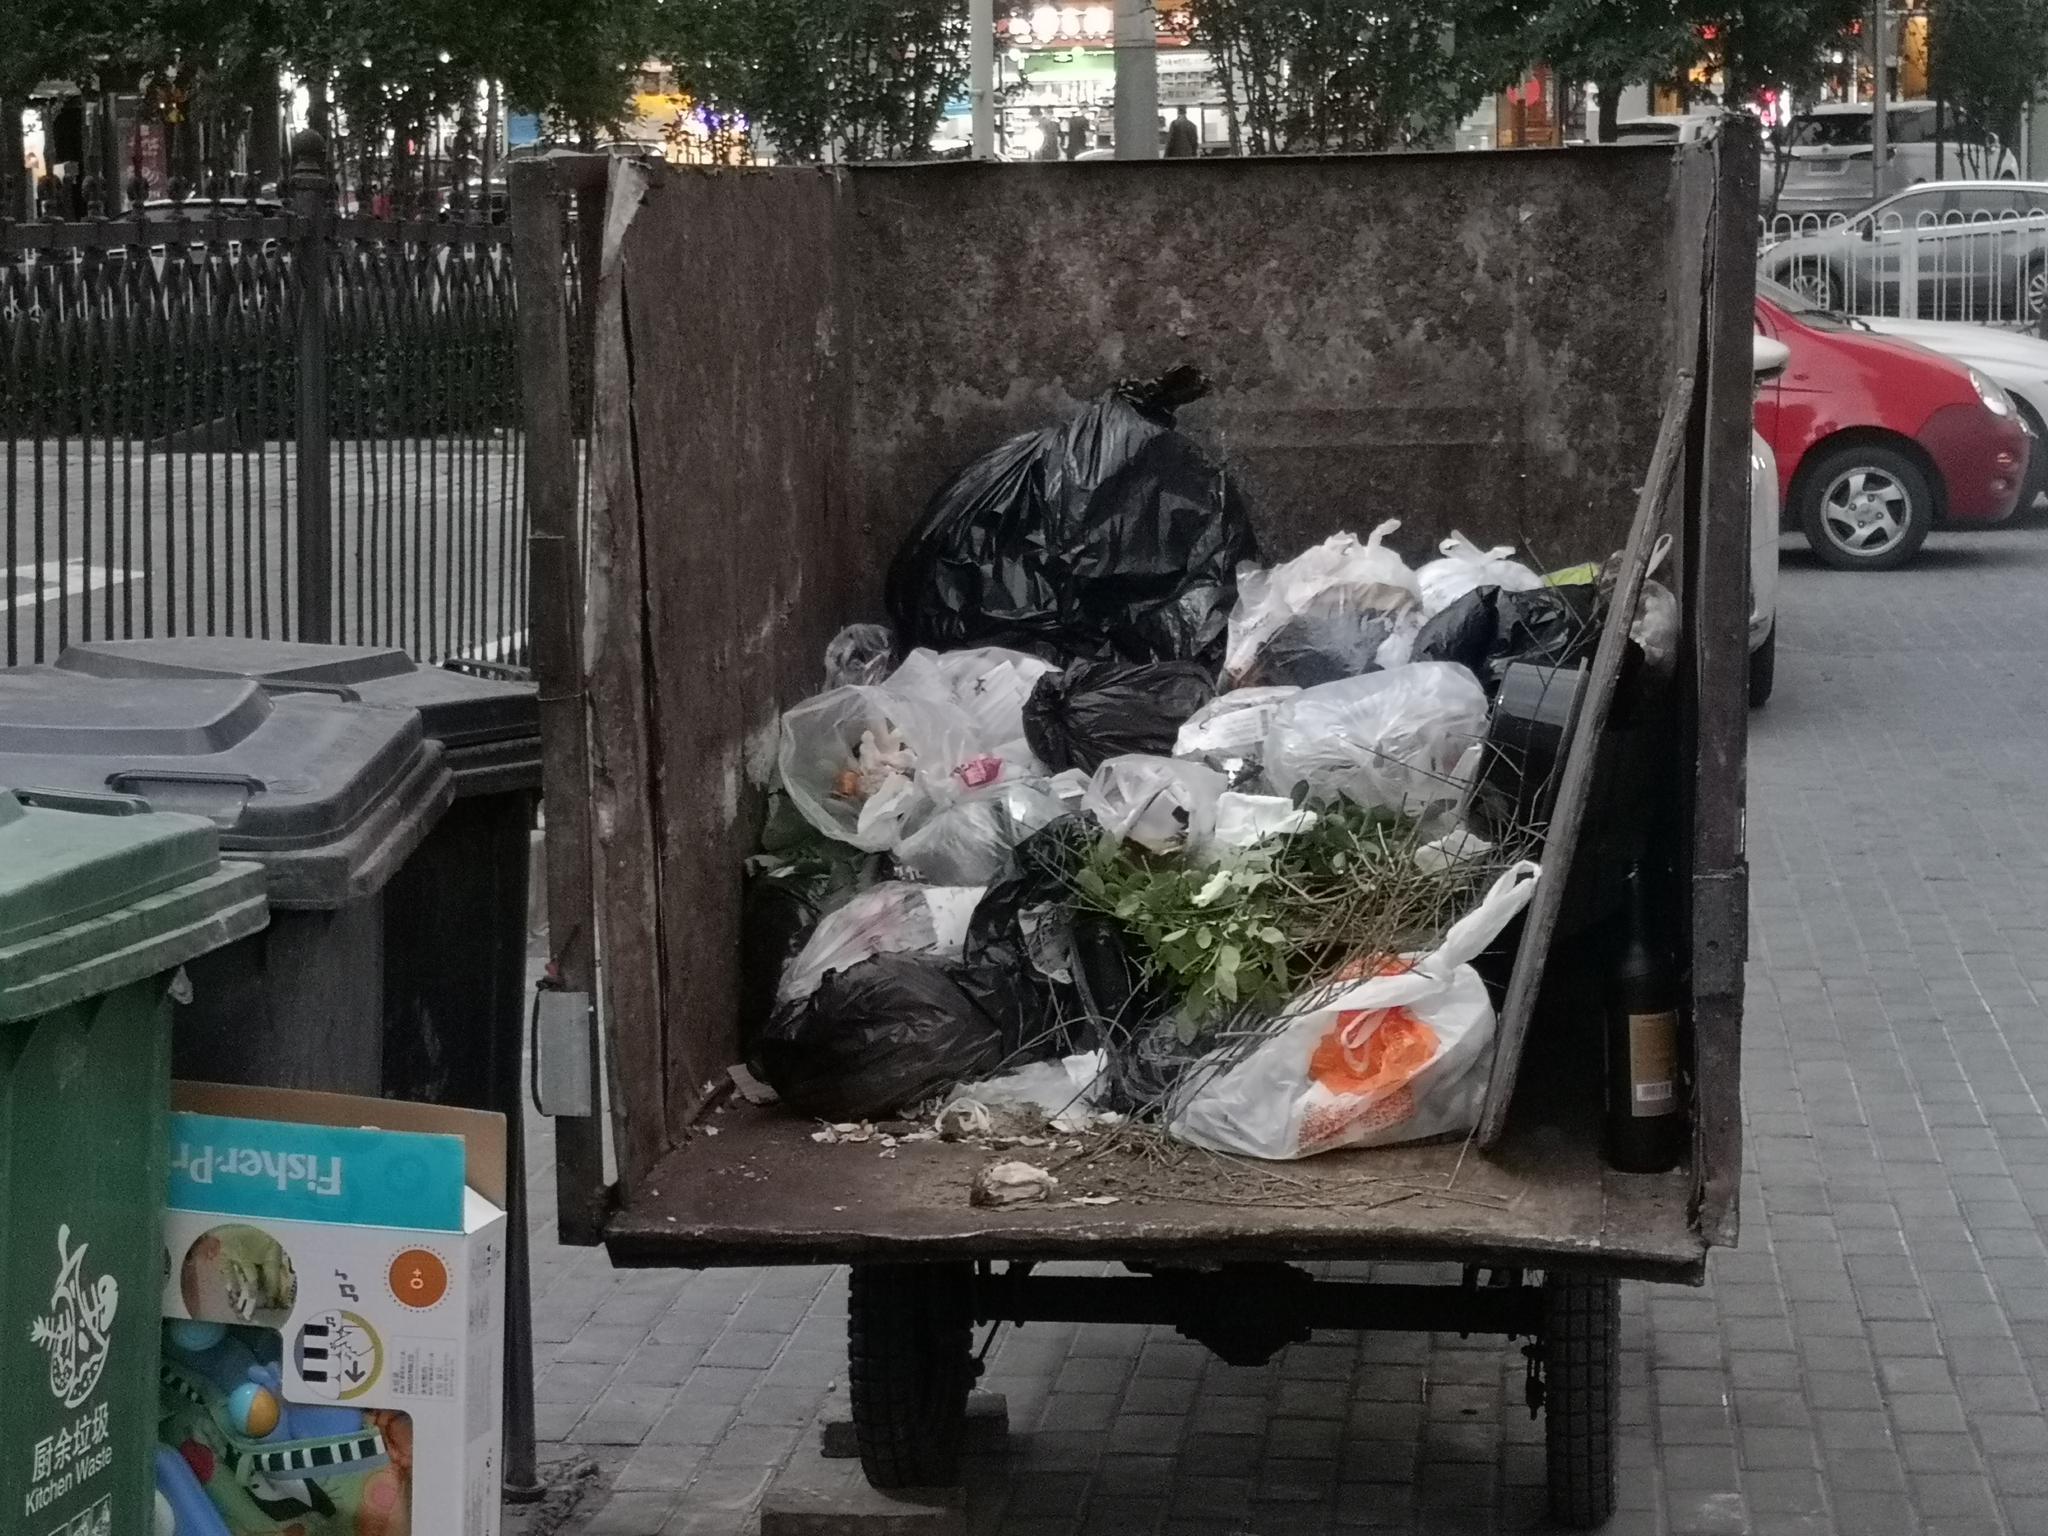 芳星园二区3号楼下的垃圾运输三轮车中,垃圾混投表象清晰。摄影/新京报记者 黄哲程